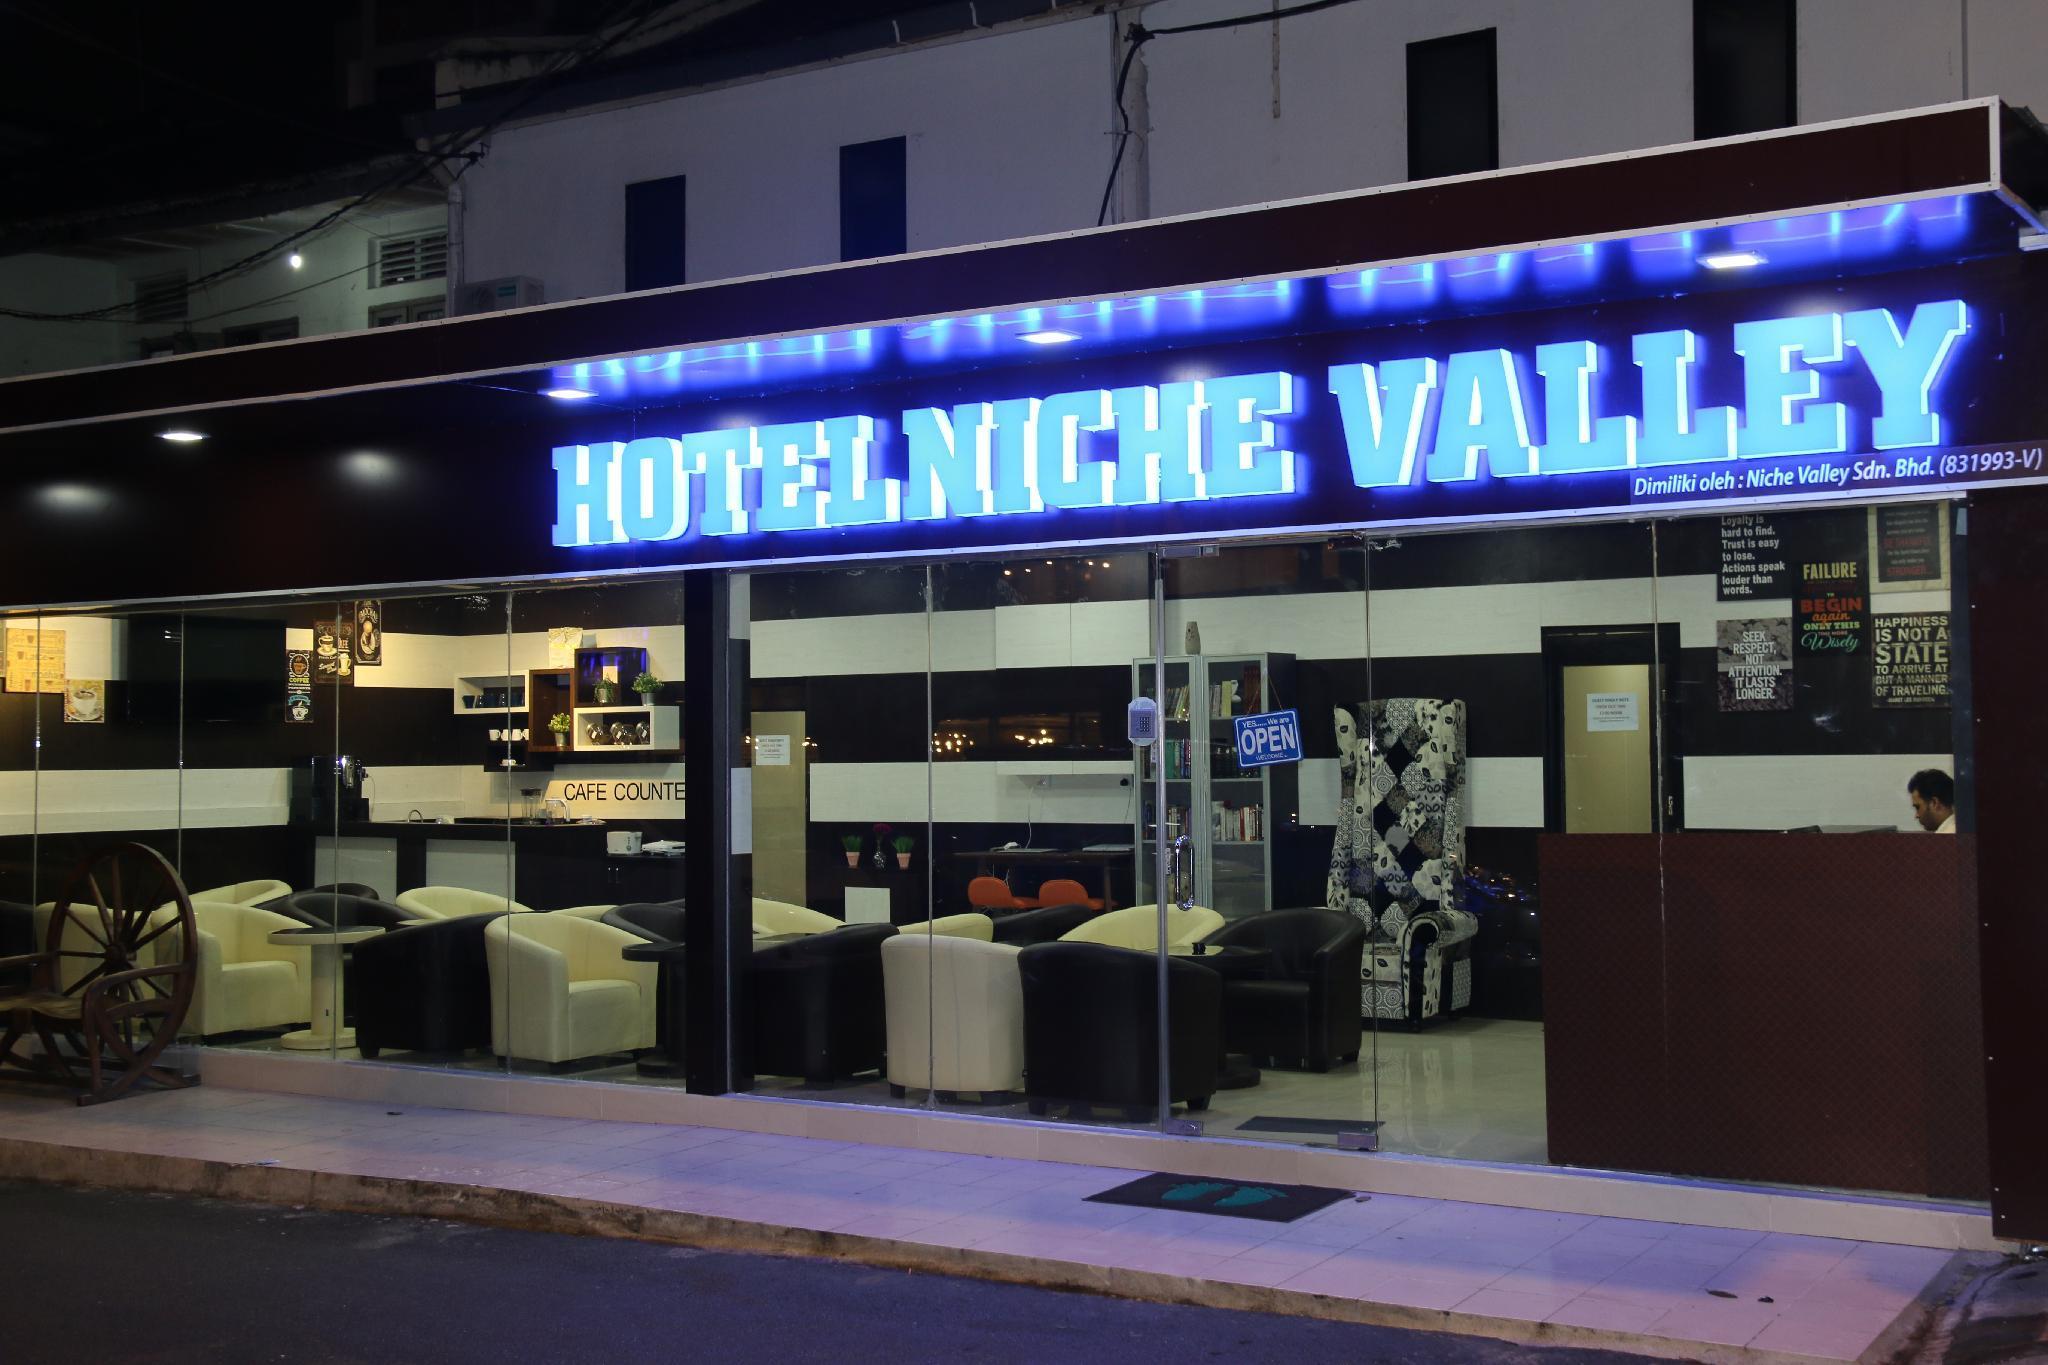 Hotel Niche Valley